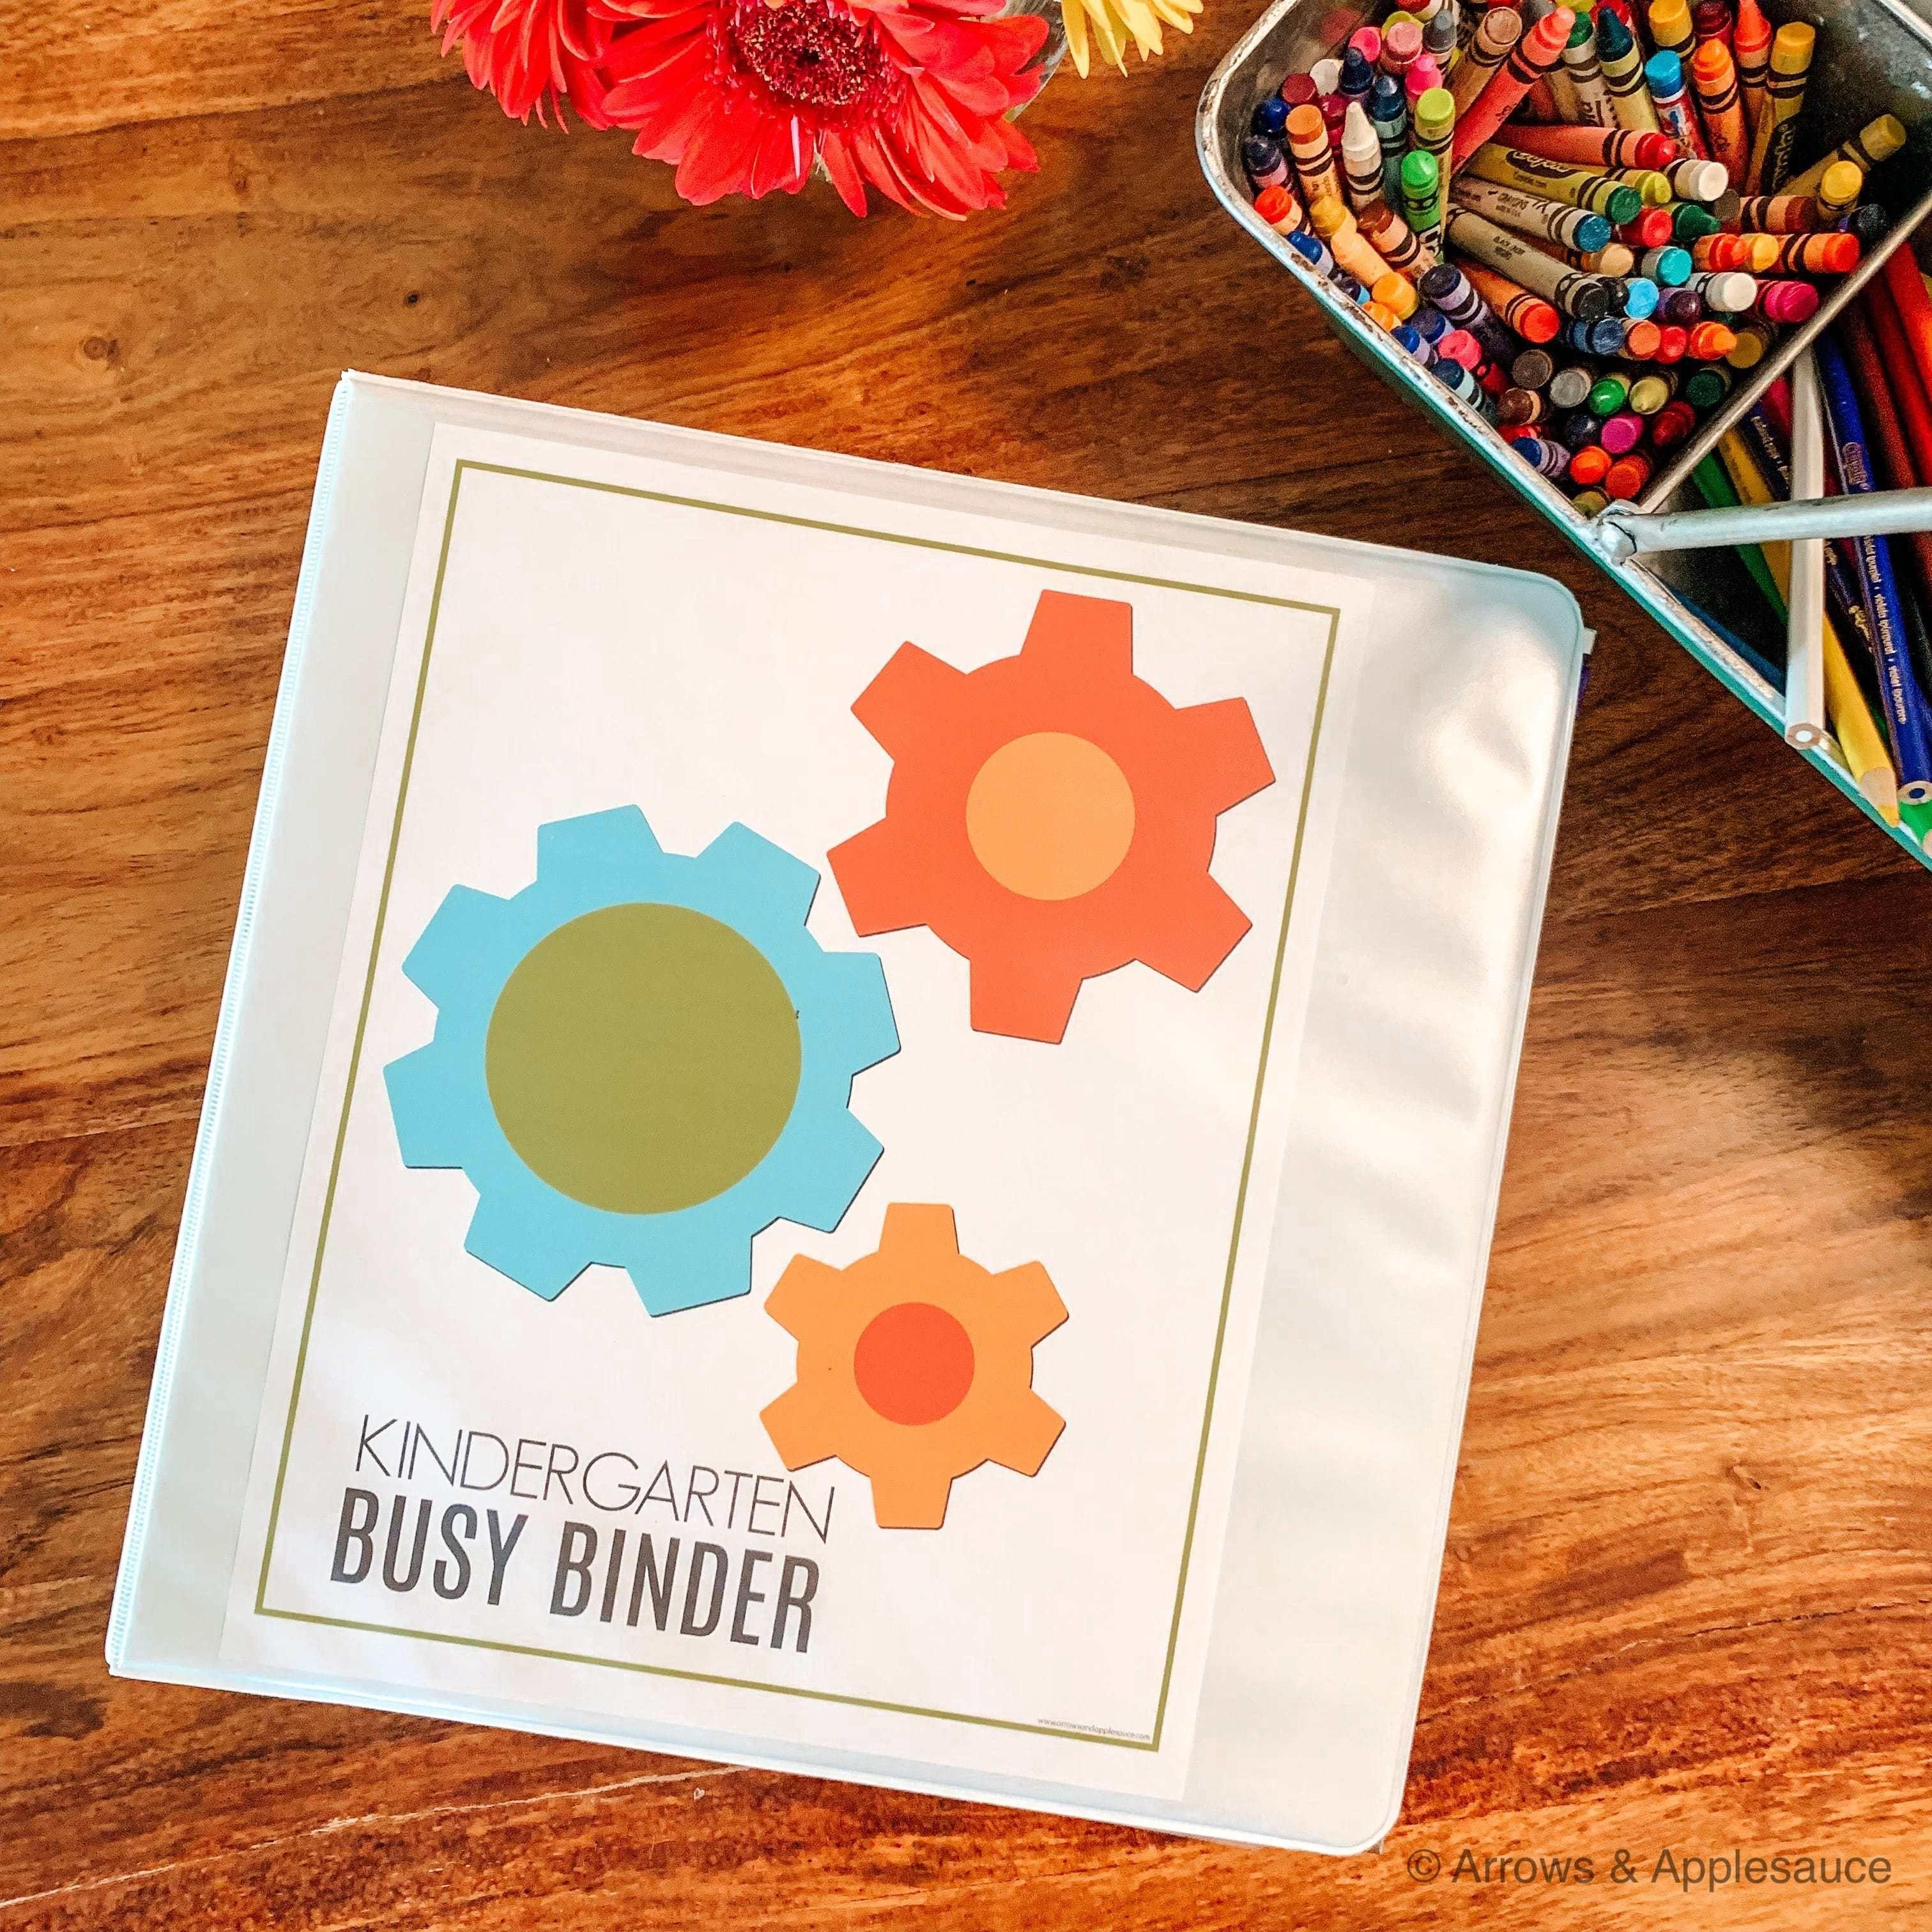 Our Kindergarten Busy Binder